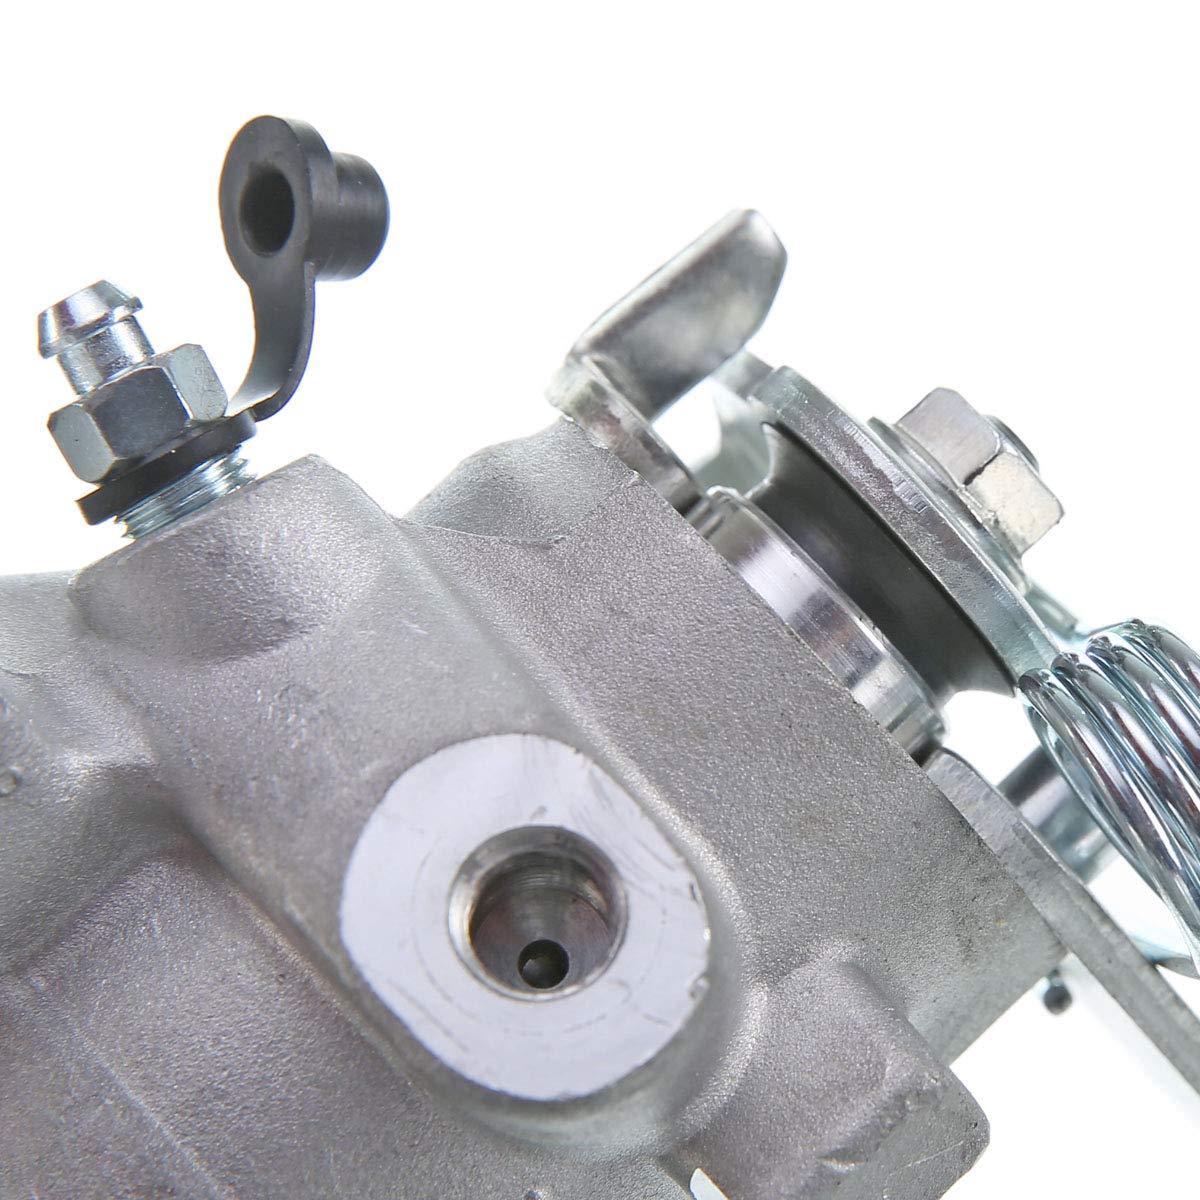 Brake Caliper Rear Right for C4 I 307 3A//C 3E 3B 3H 2002-2014 1607375780